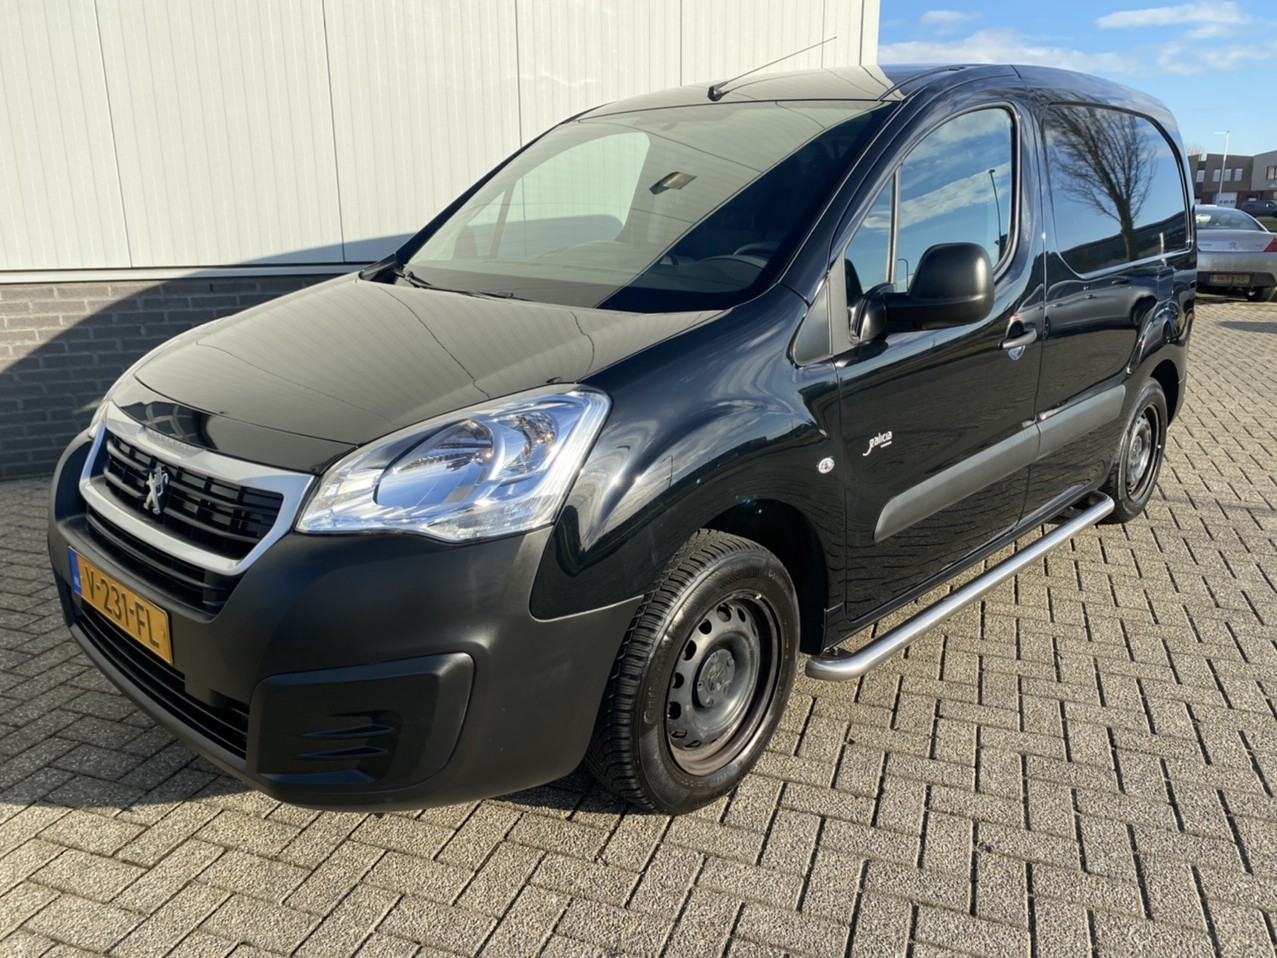 Peugeot Partner 75 pk 3 zits rijklaar prijs